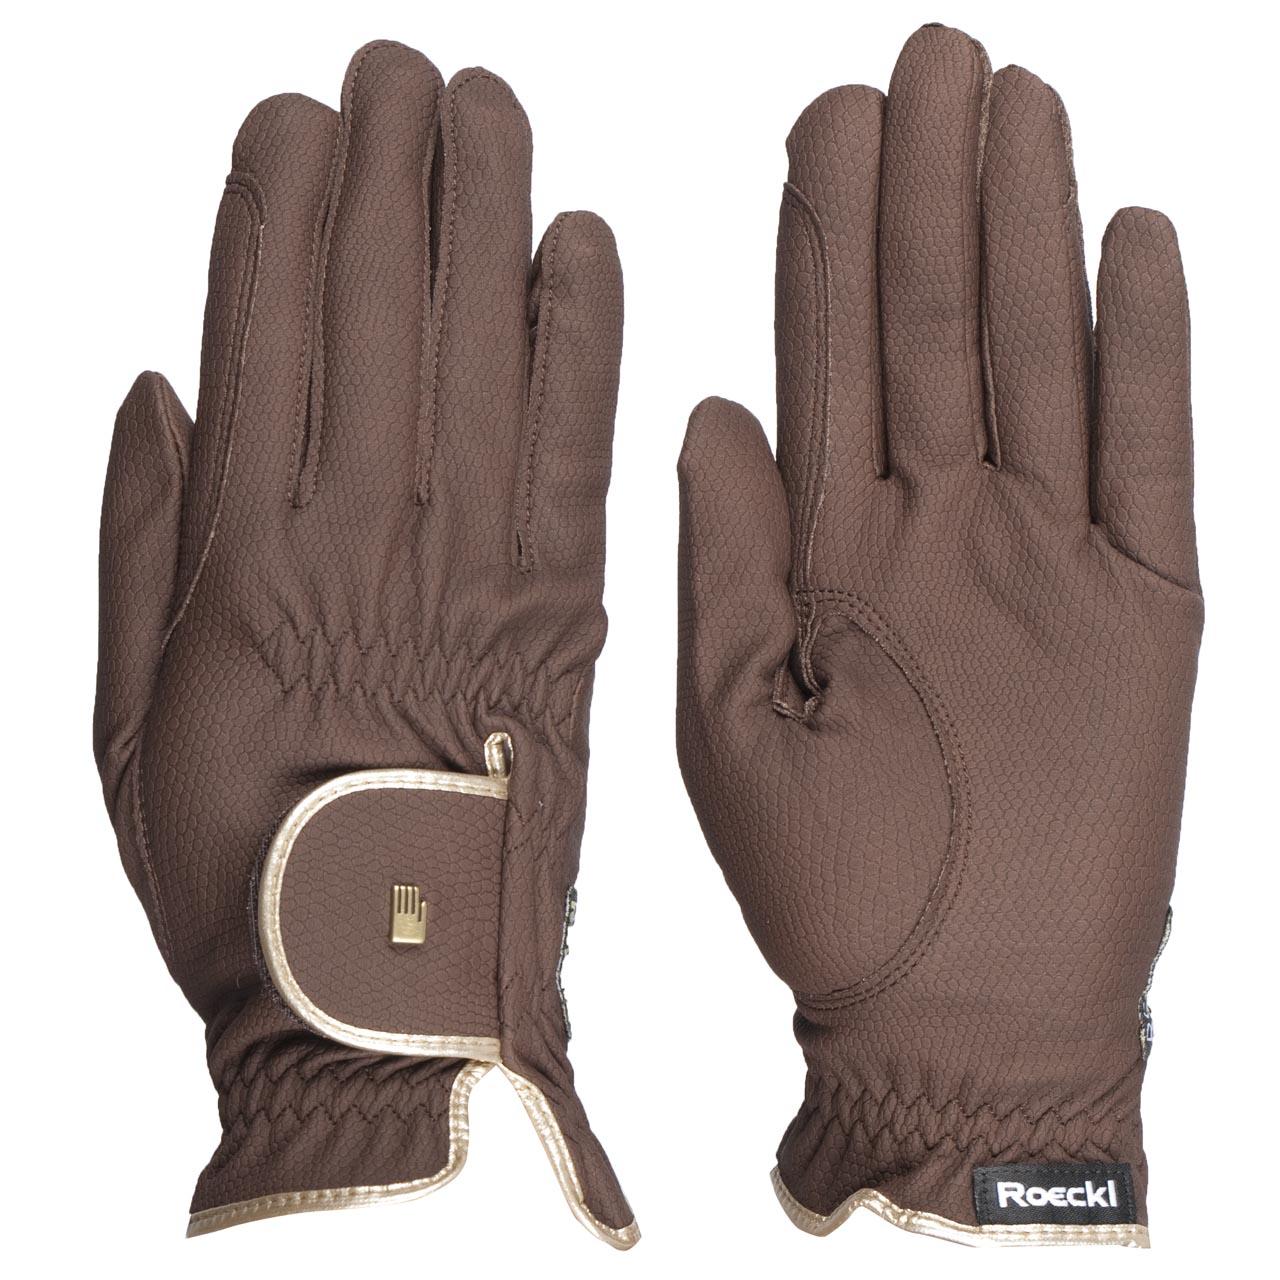 Roeckl Lona handschoenen donkerbruin maat:7